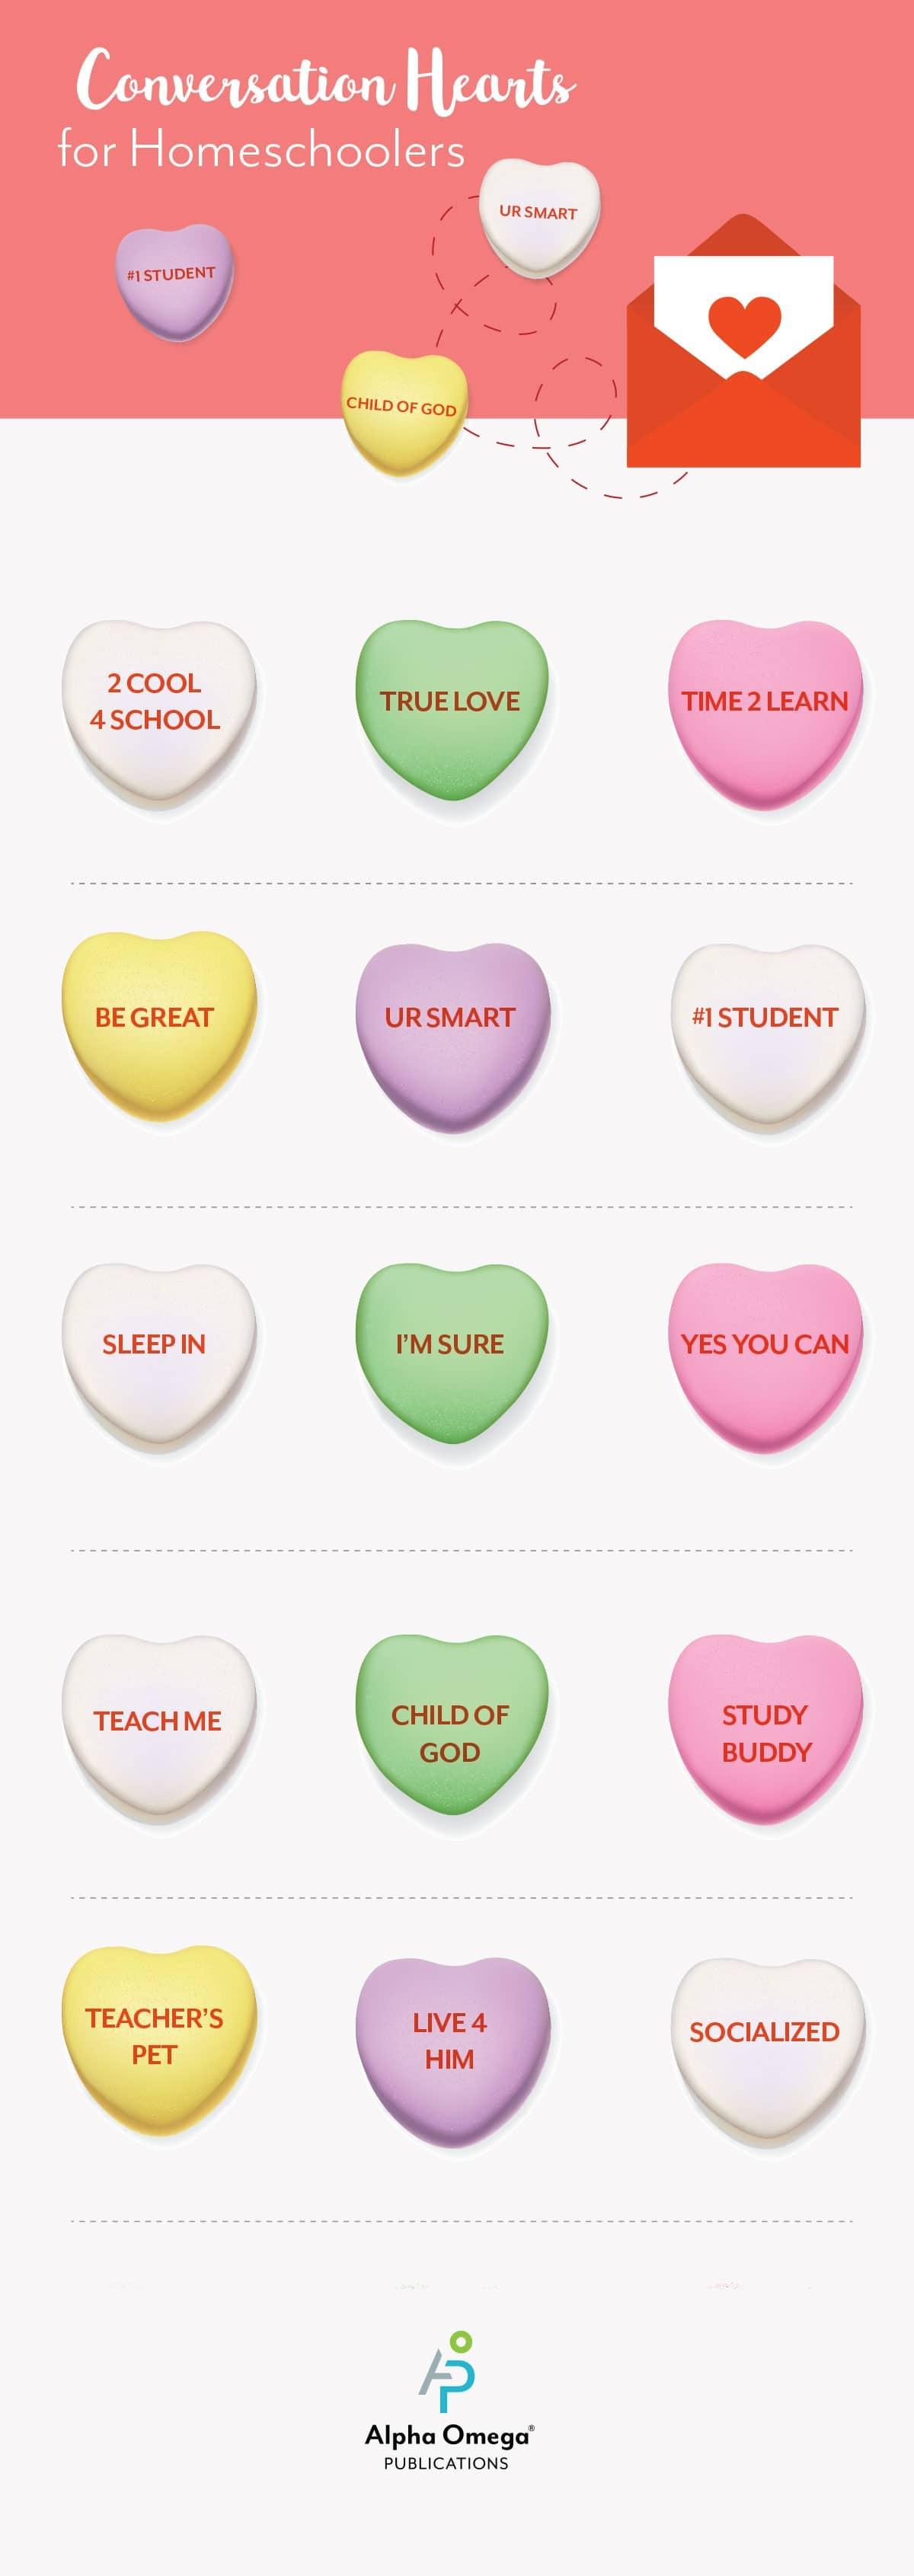 Conversation Hearts for Homeschoolers